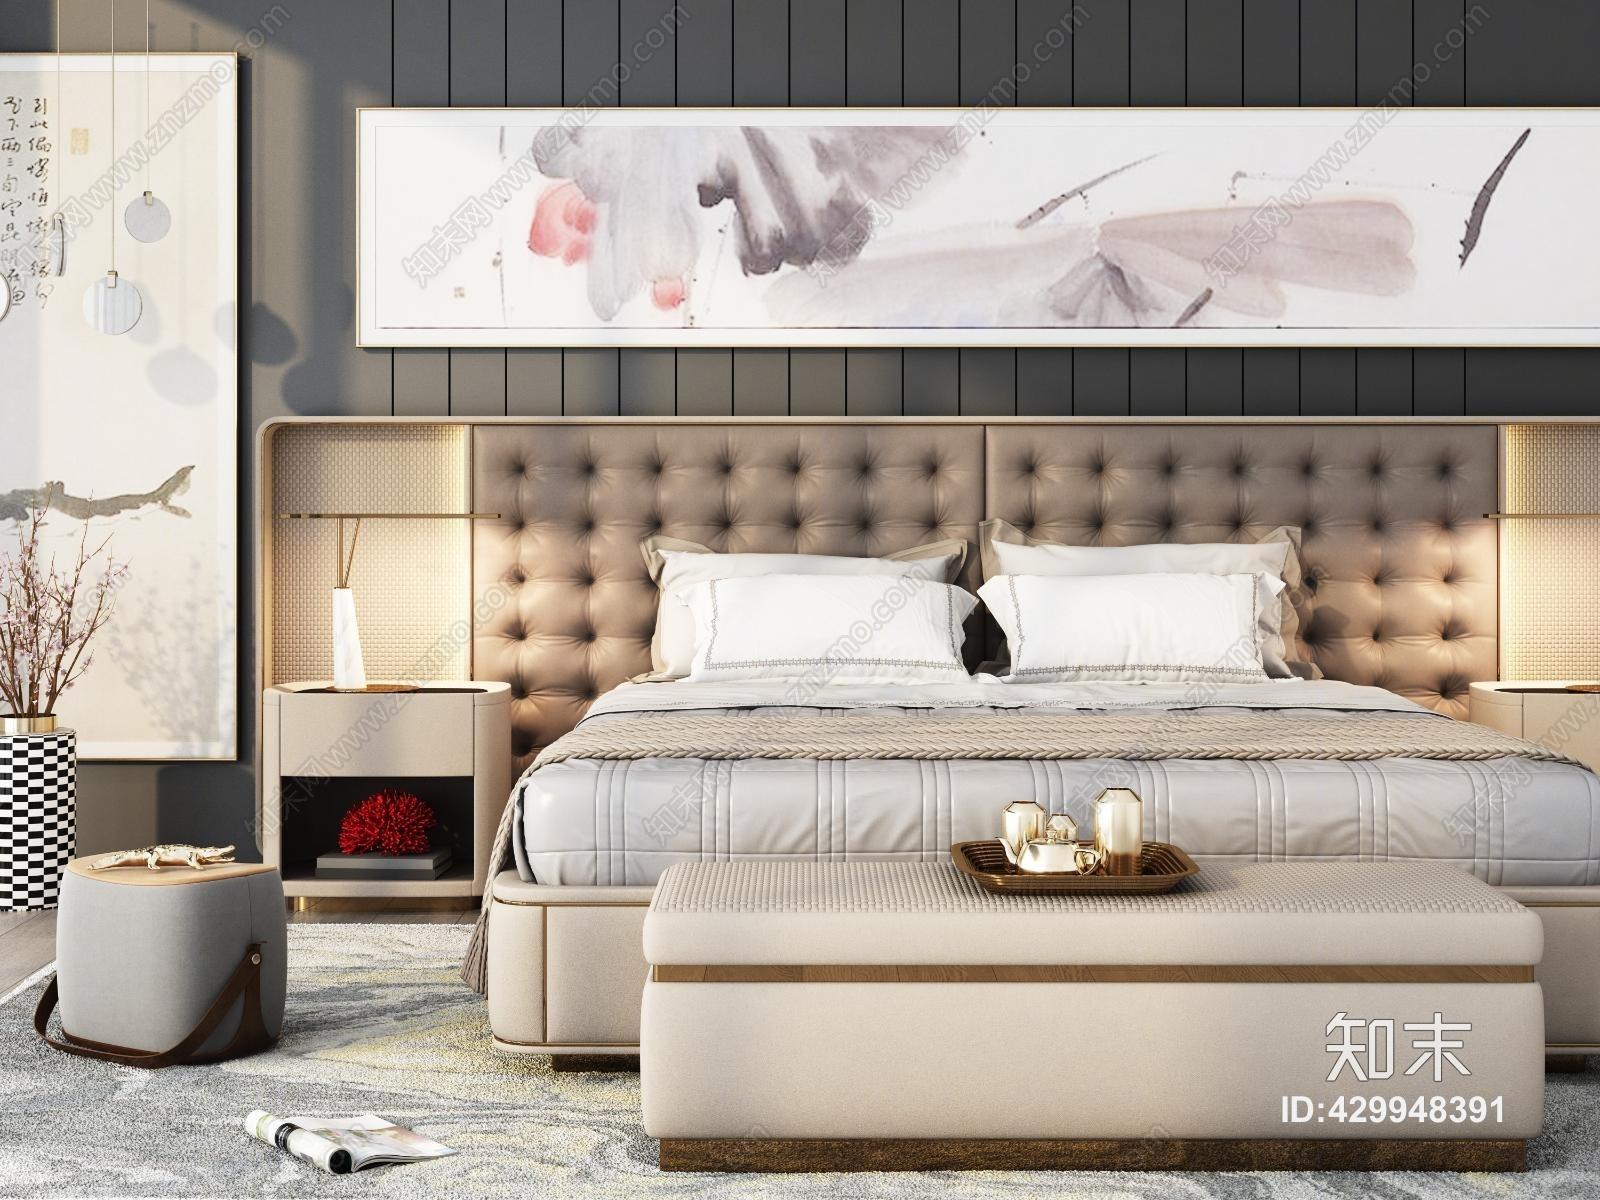 新中式现代轻奢卧室 床 床头柜 床榻 凳子 台灯 吊灯 饰品